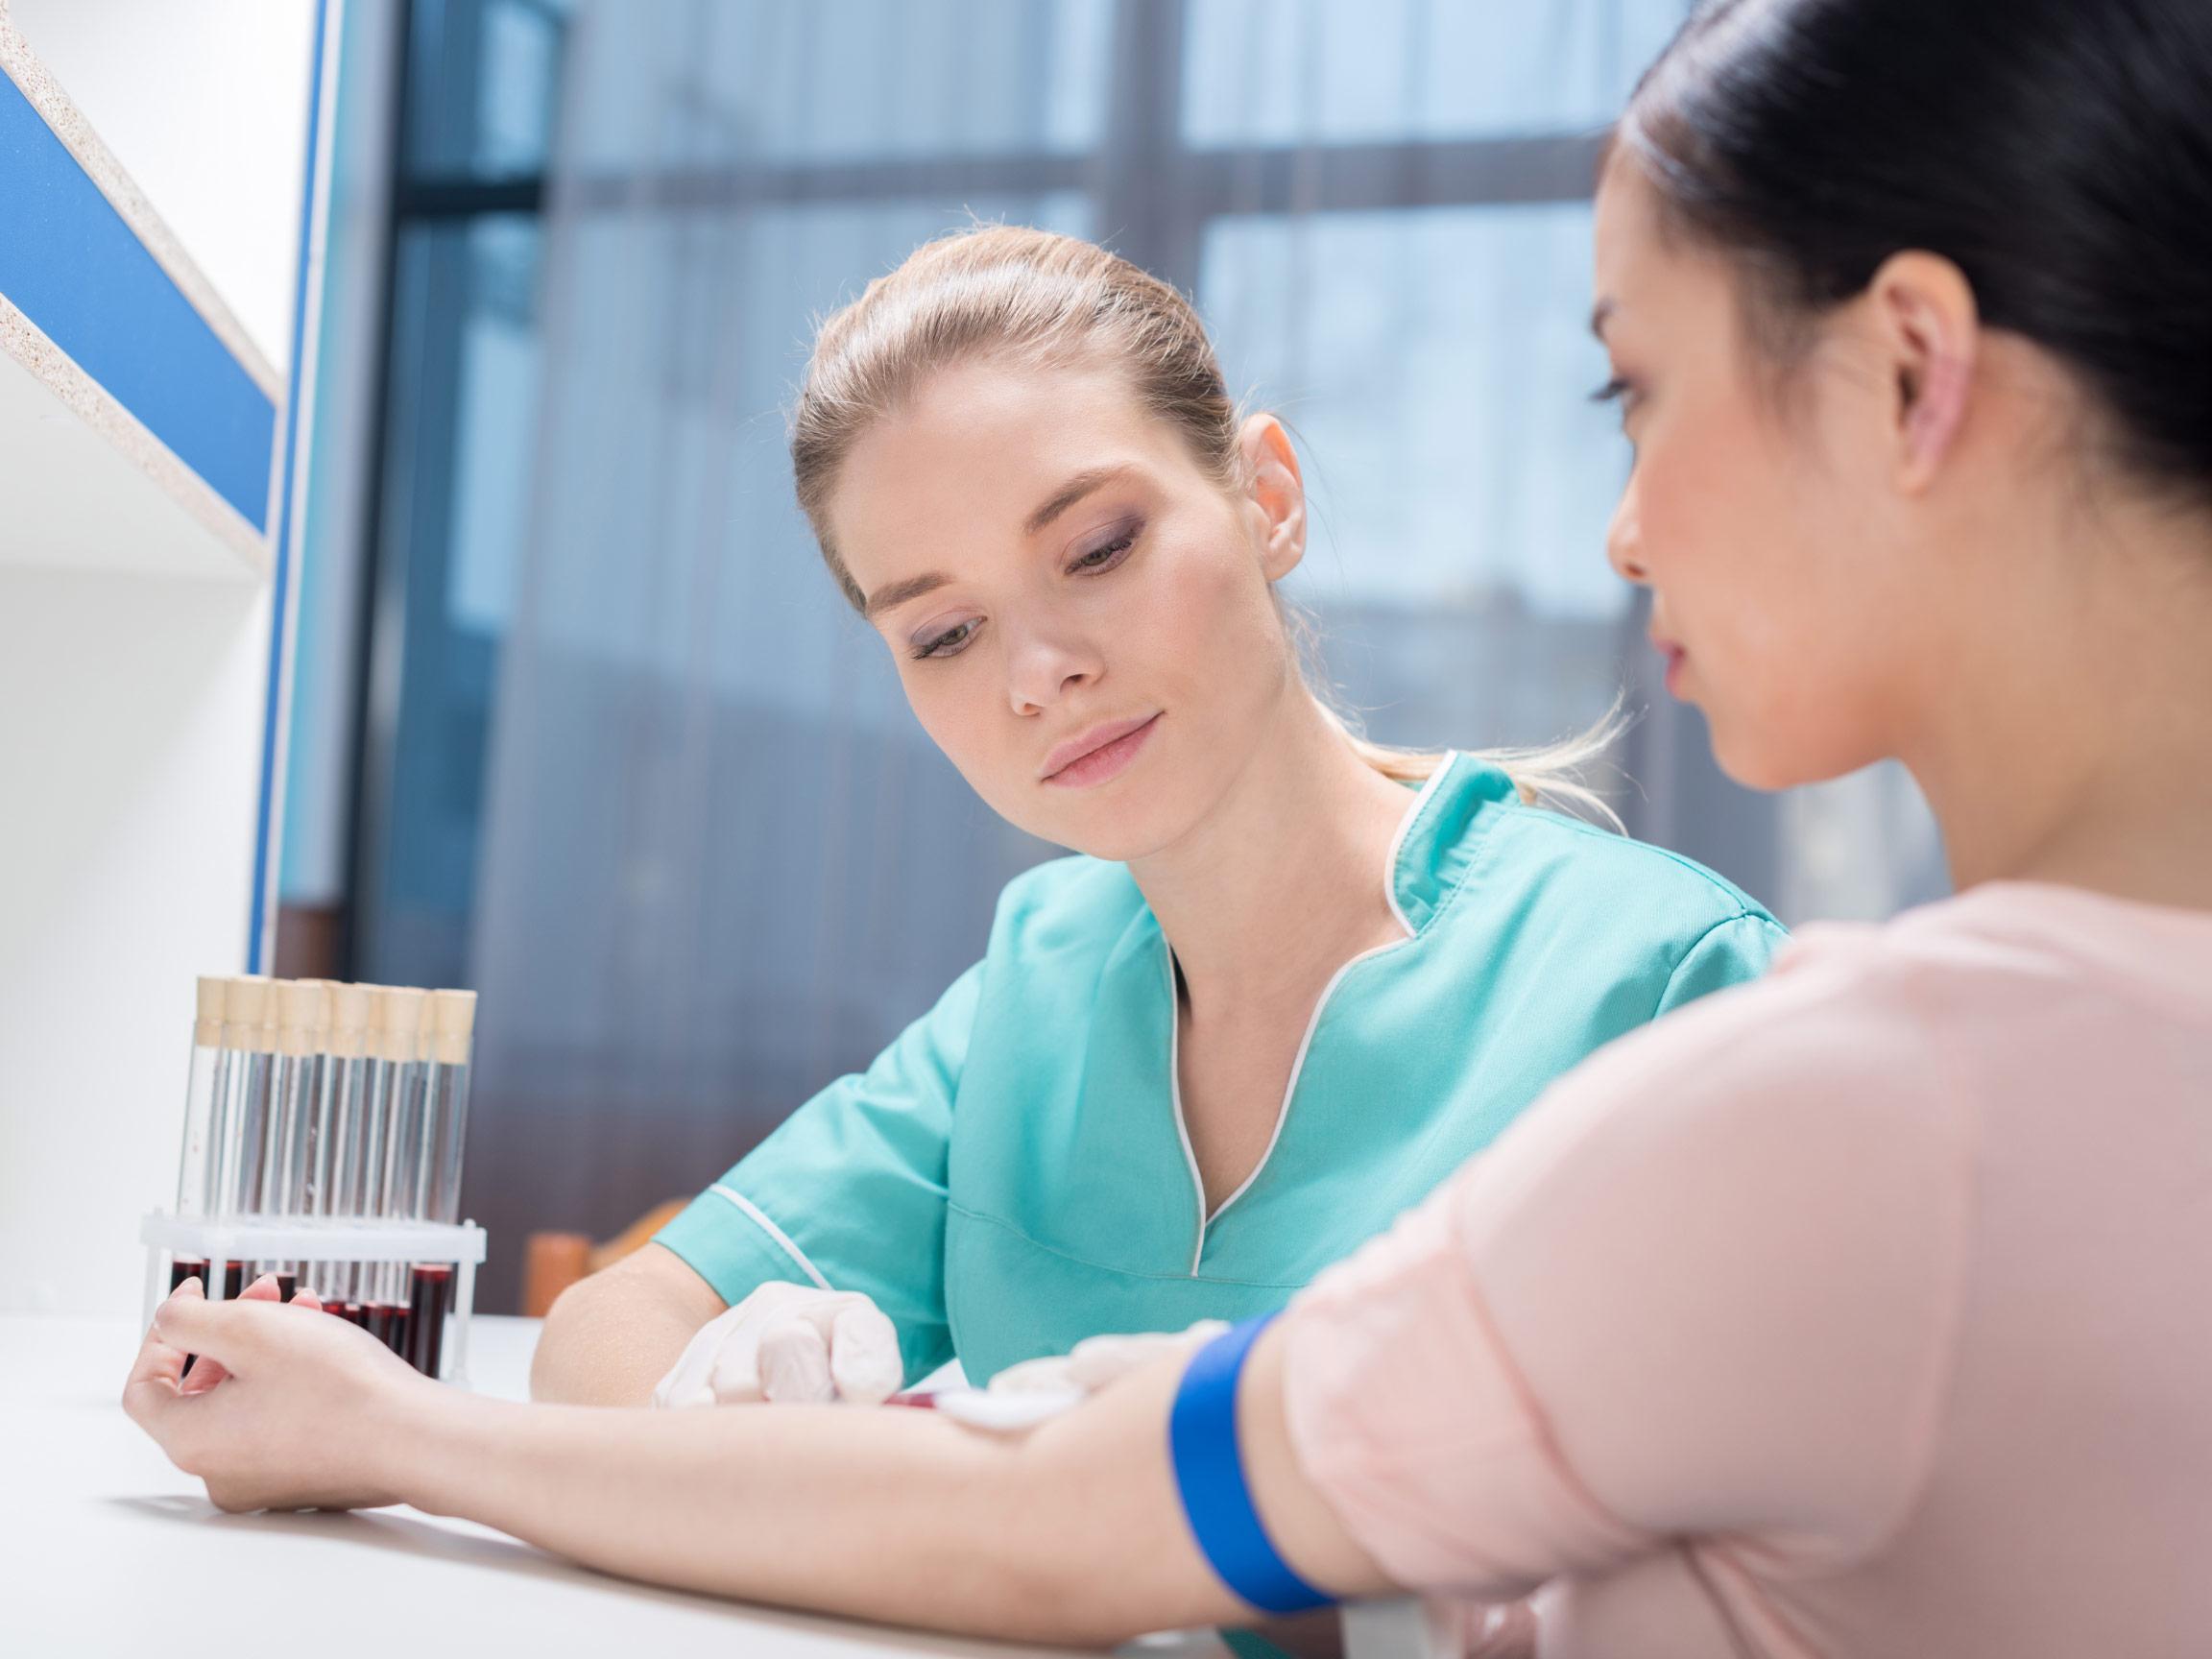 Badania laboratoryjne Idealis